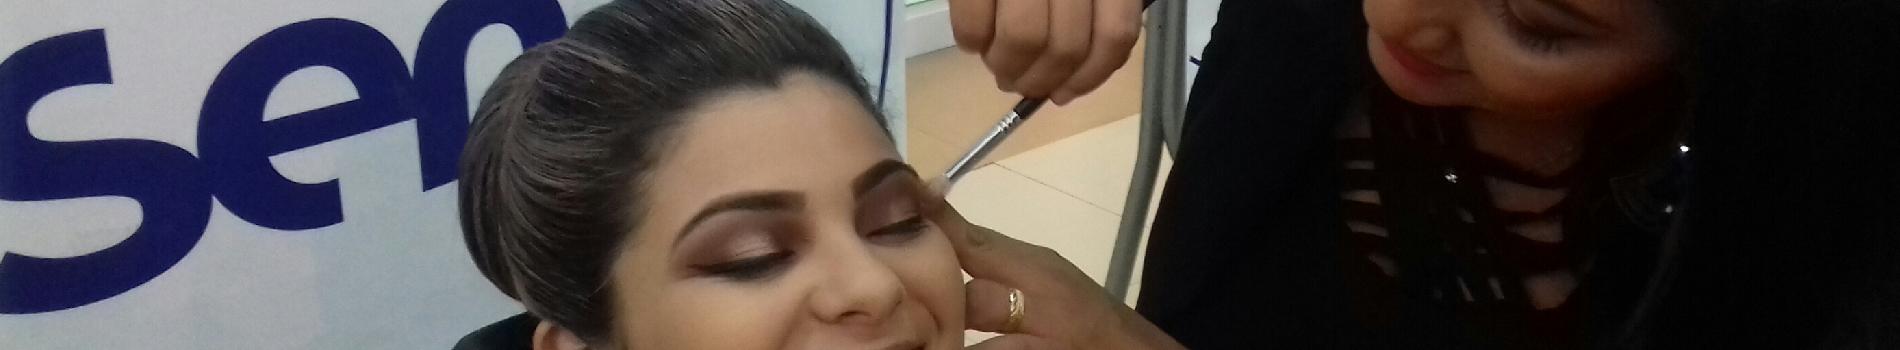 maquiador-capa.png